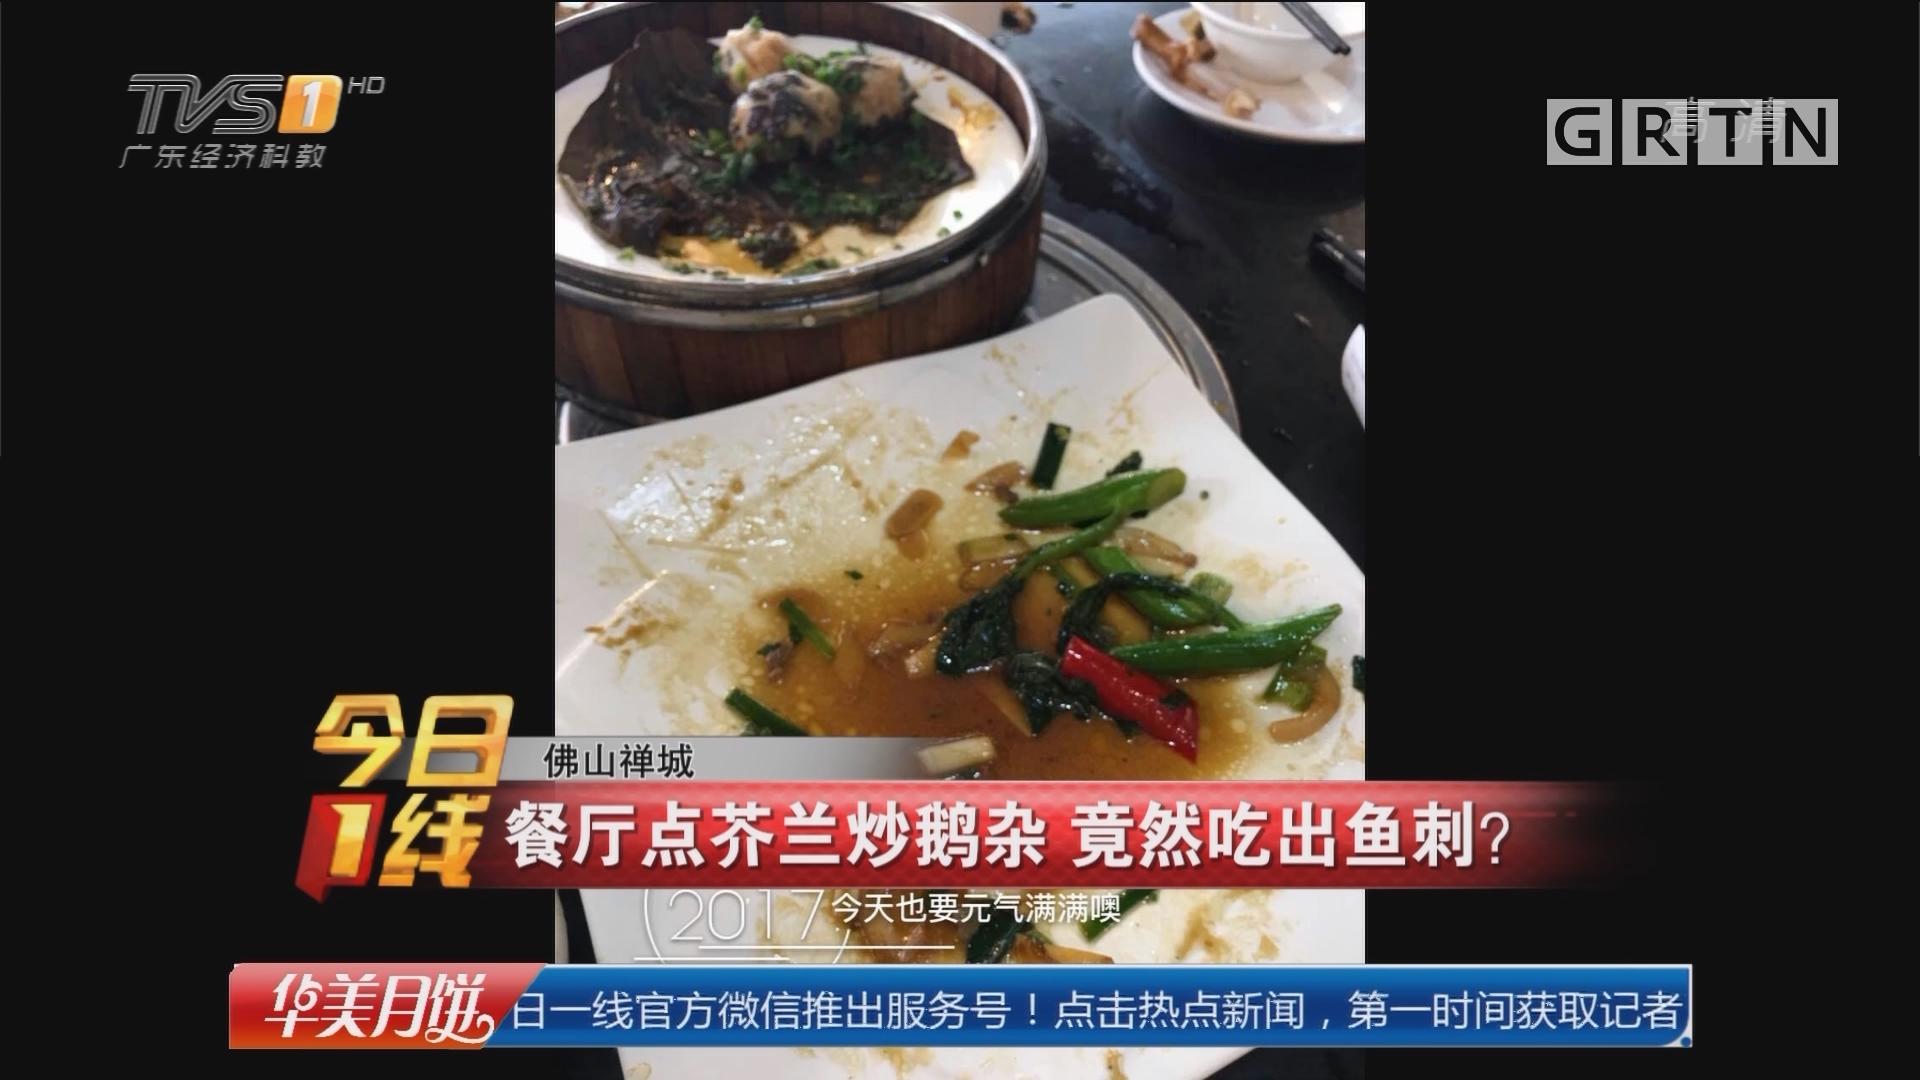 佛山禅城:餐厅点芥兰炒鹅杂 竟然吃出鱼刺?